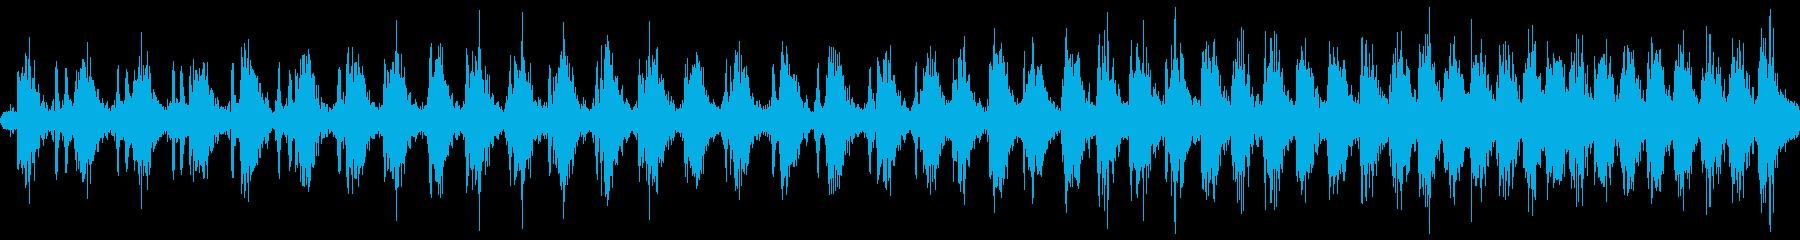 潜水艦モータースローbの再生済みの波形